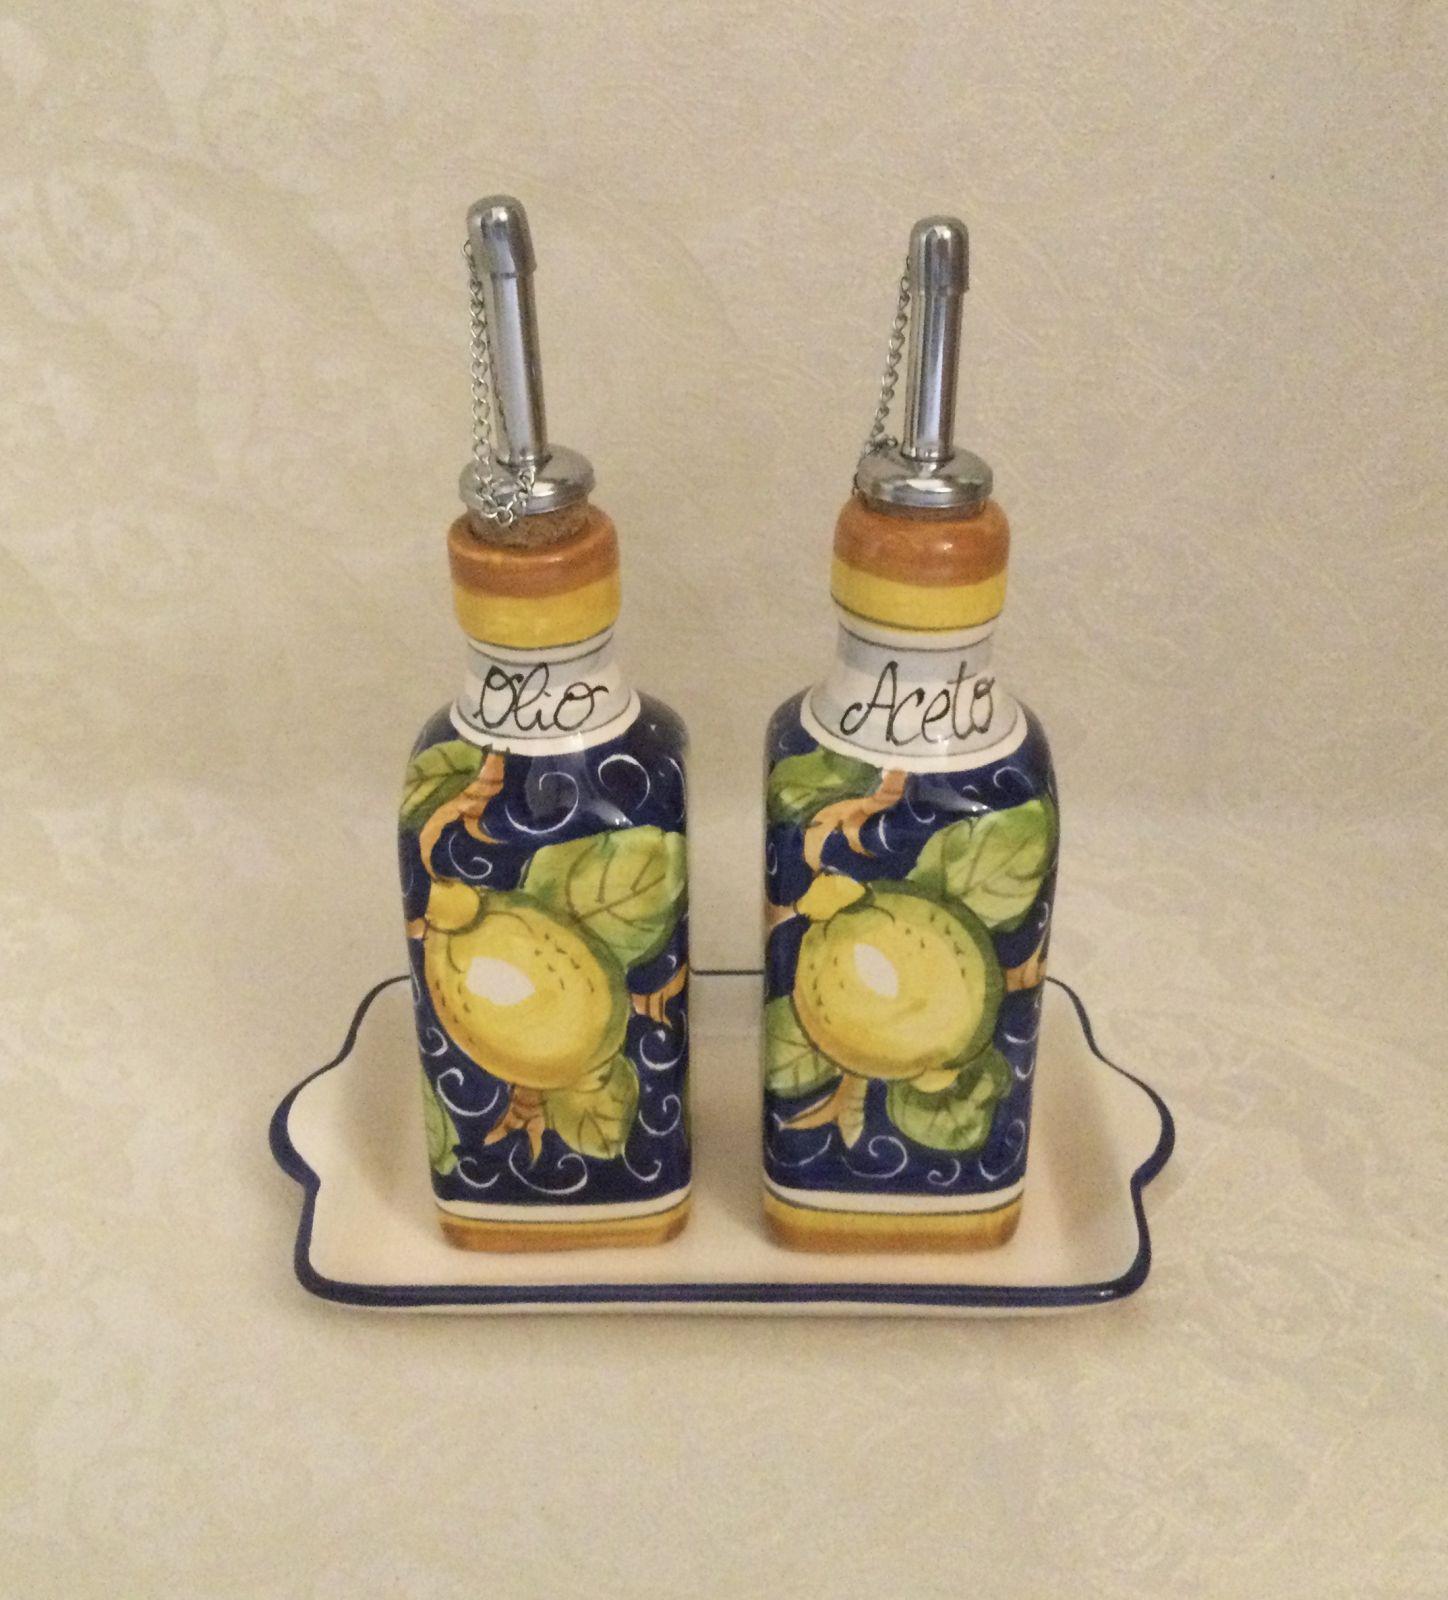 Oil & vinegar set h15 lemons blue background